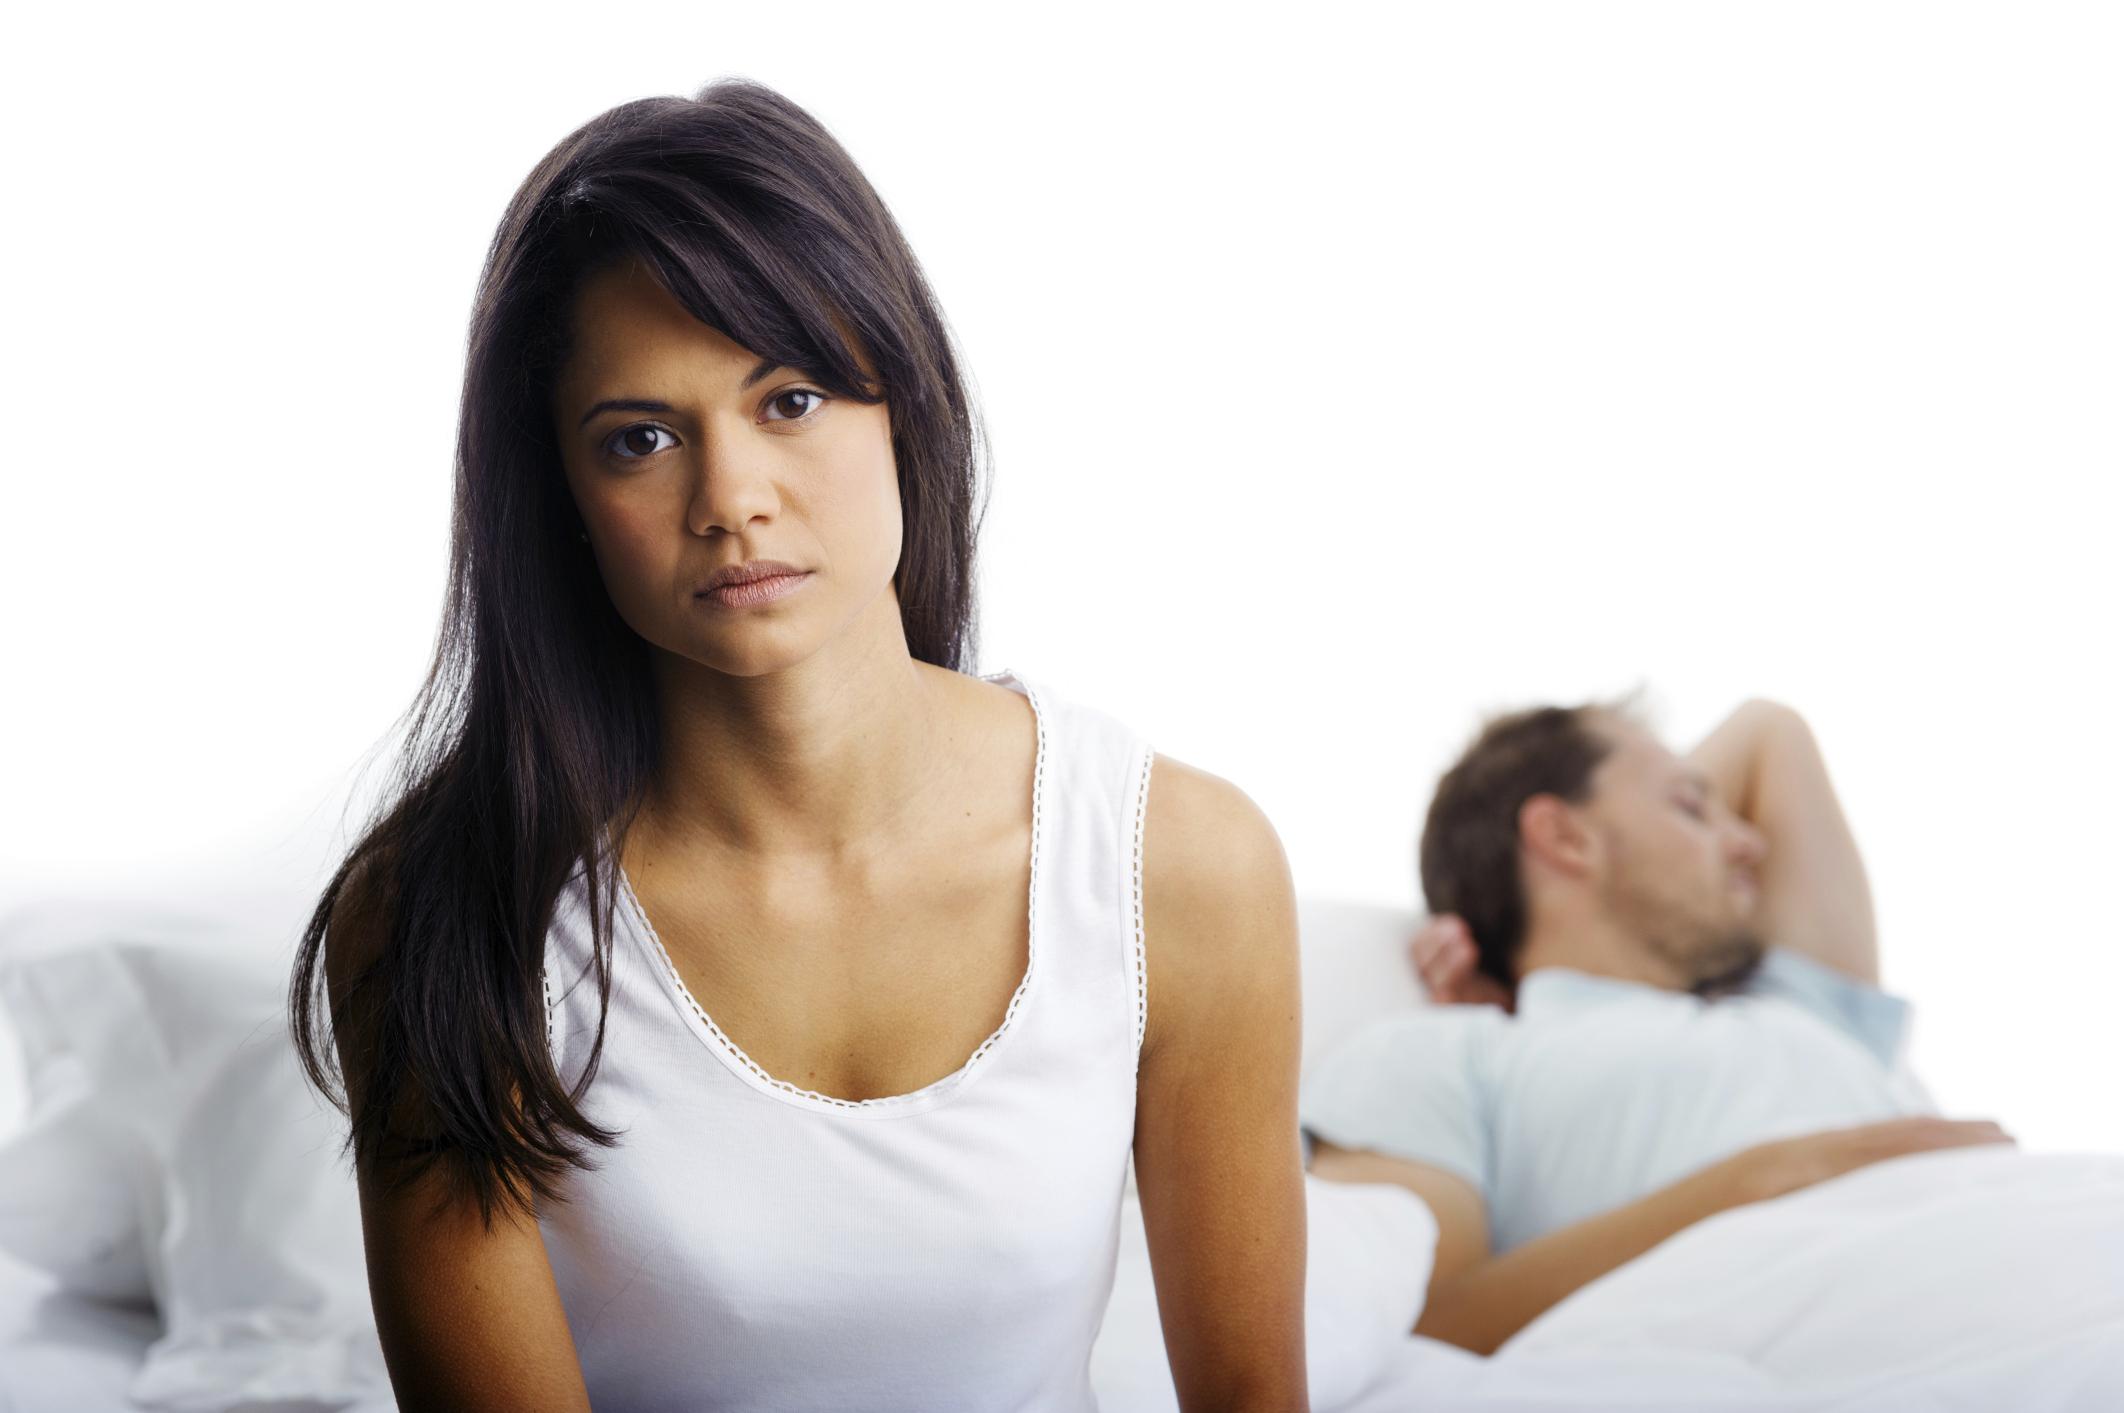 voi anaaliseksiä aiheuttaa inkontinenssiLesbo Puhelin seksiä vinkkejä